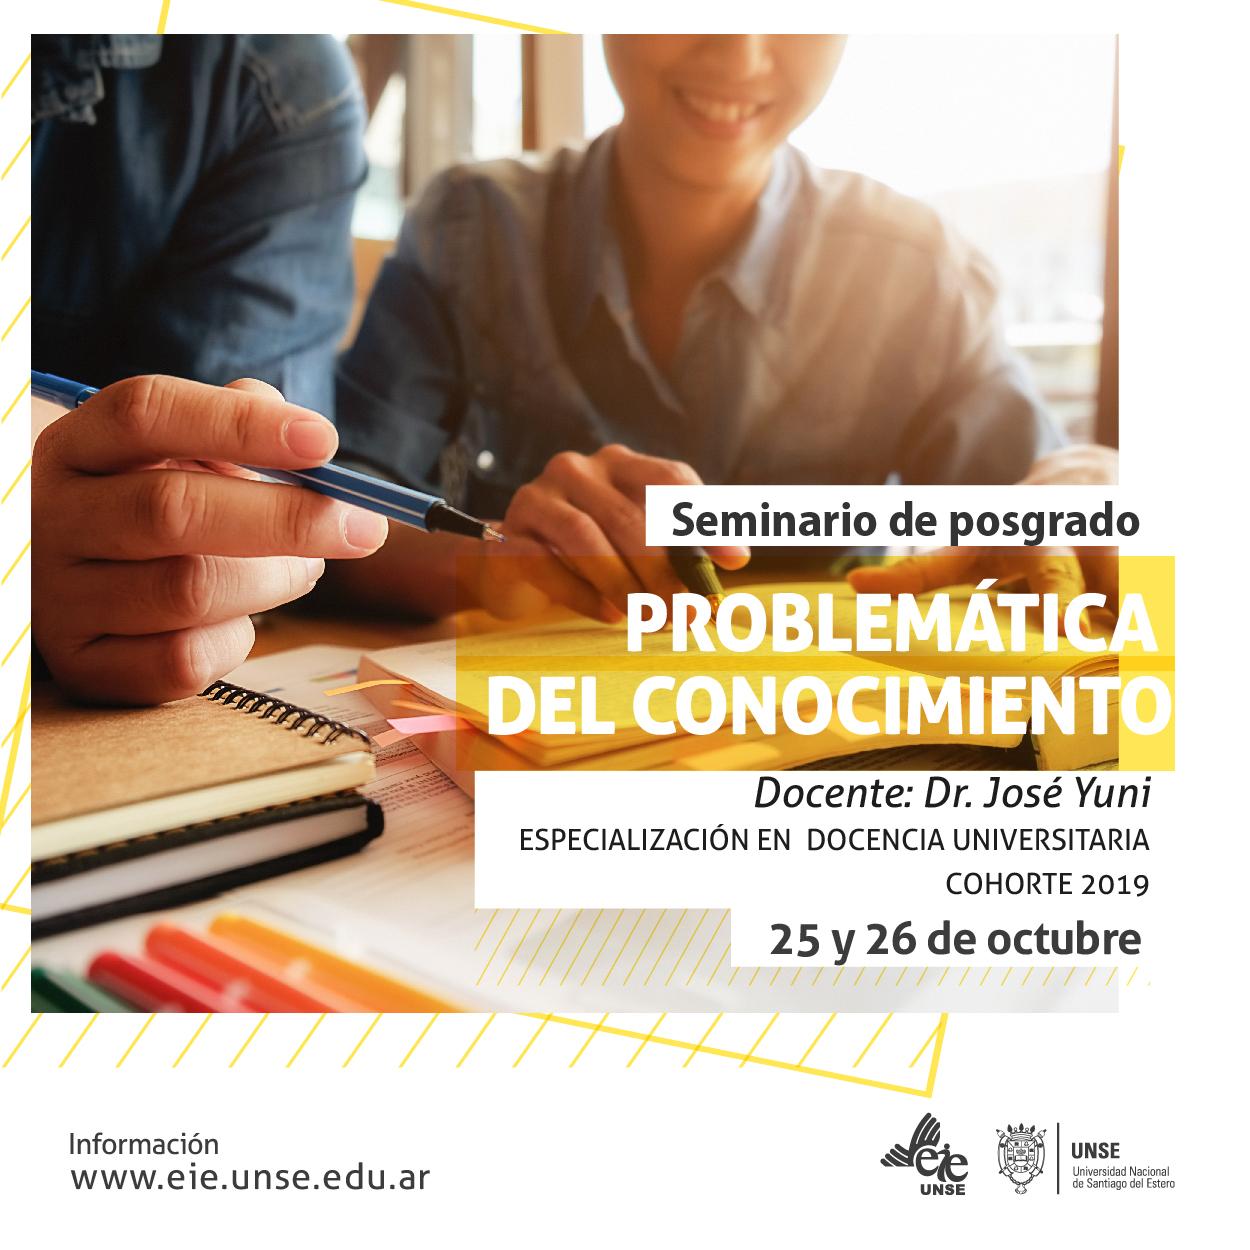 PROBLEMATICA-DEL-CONOCIMIENTO.jpg